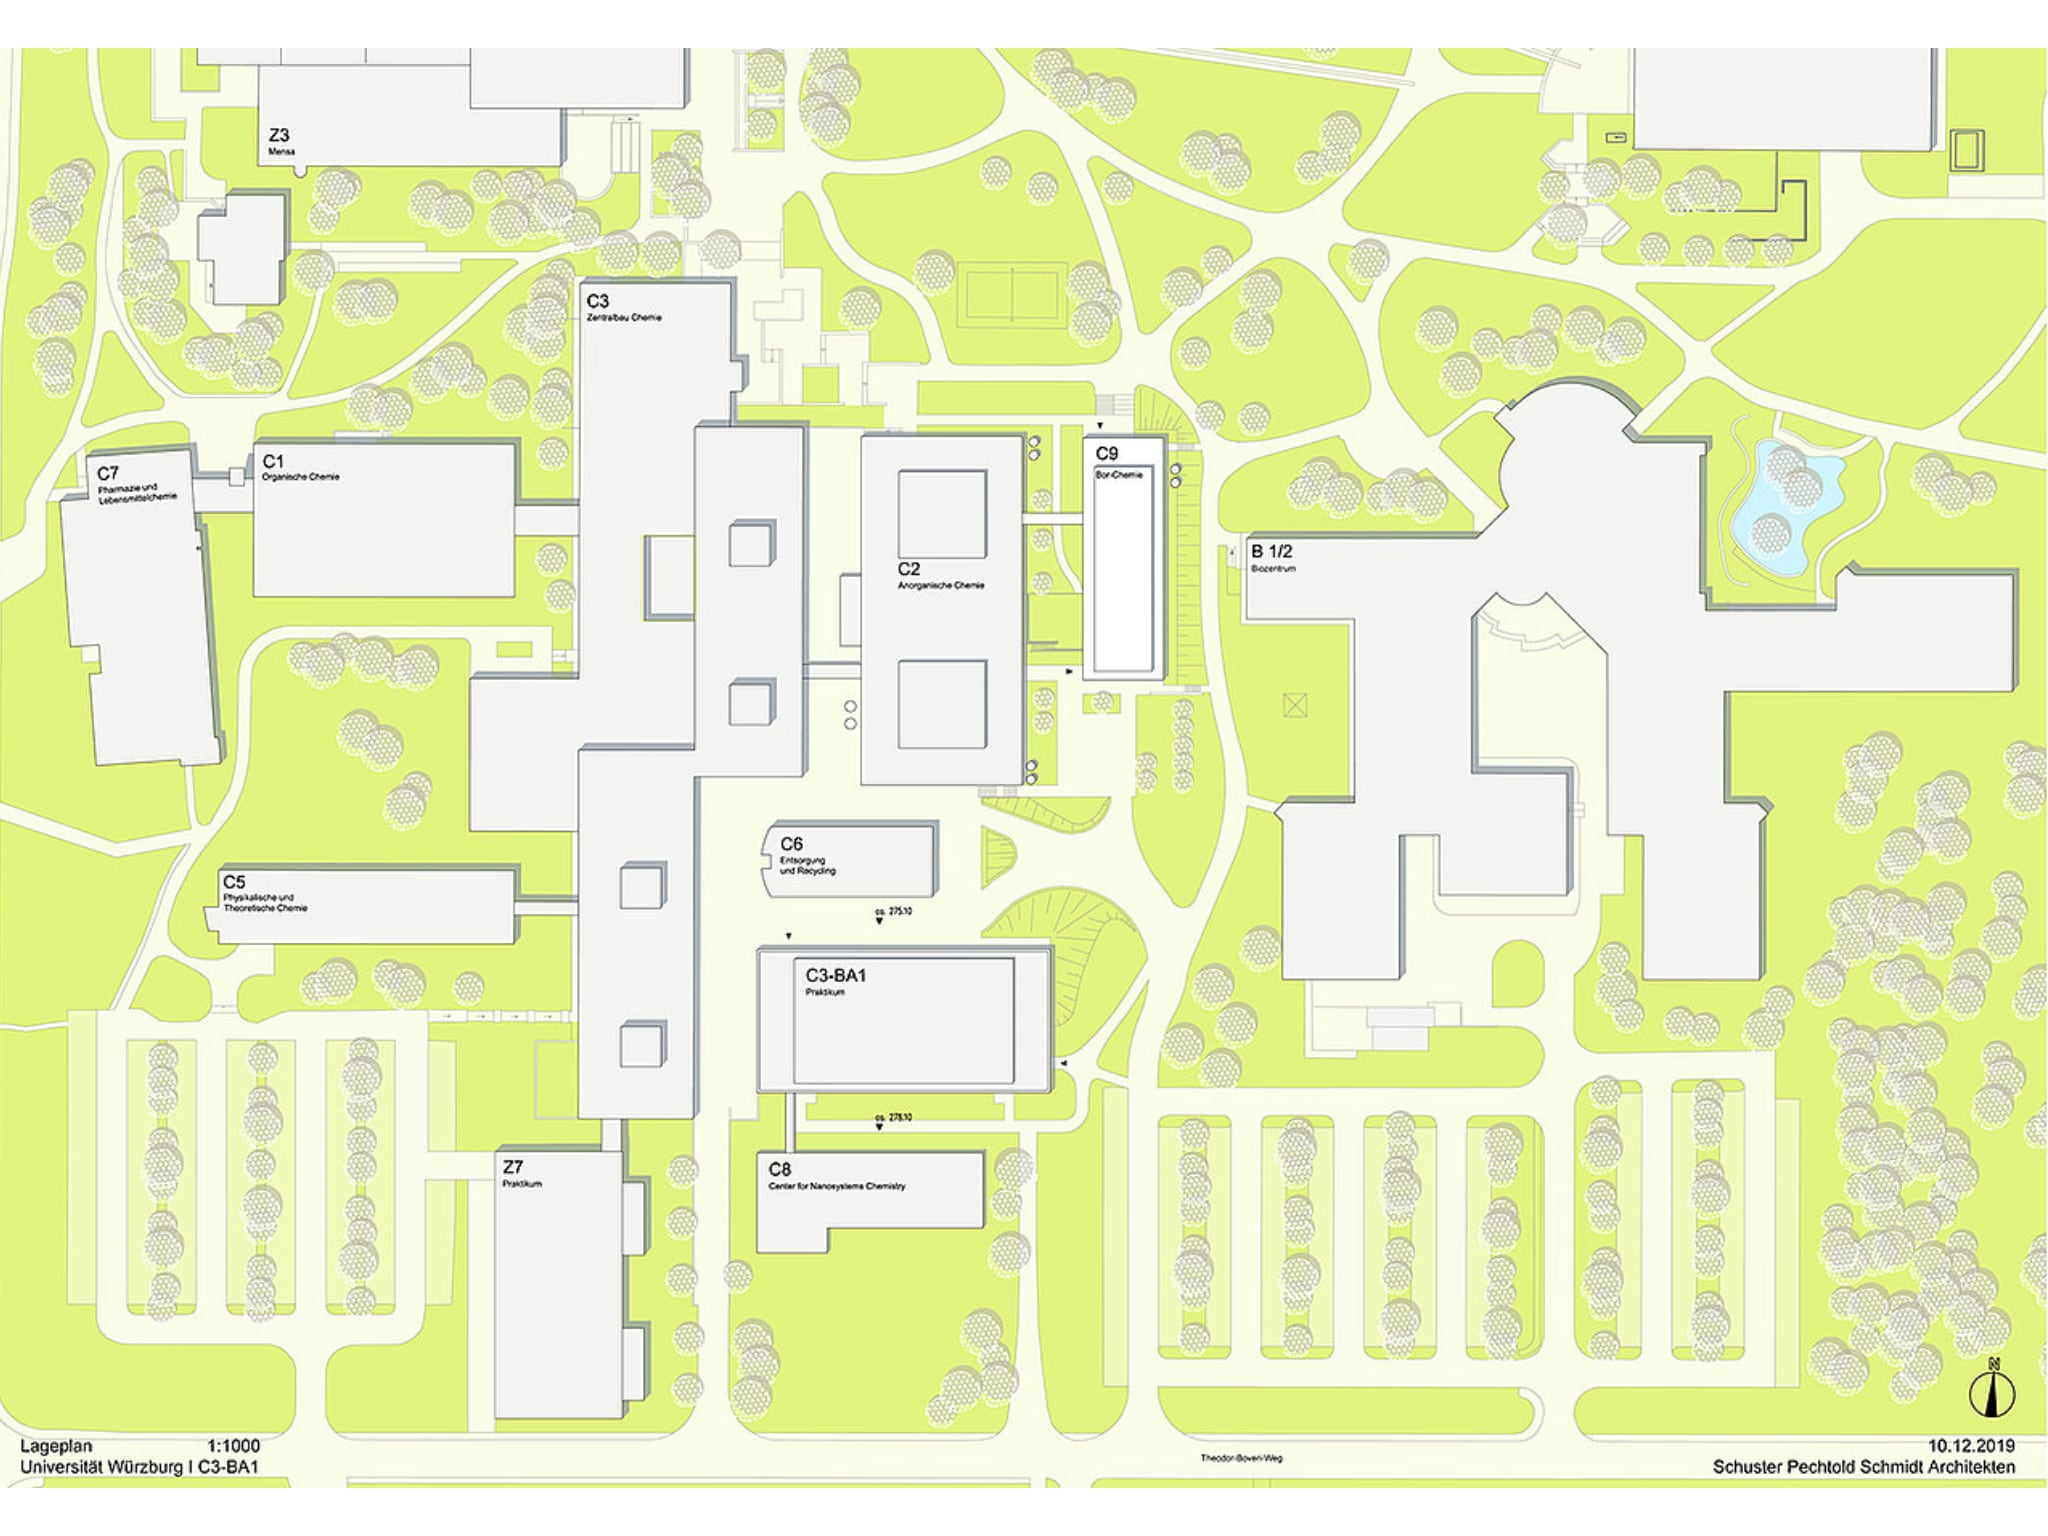 Das Chemiezentrum (links) auf dem Hubland-Campus: Der Block C3-BA1 ist das neue Praktikumsgebäude, der langgestreckte C3-Komplex ist der Zentralbau, der die Institute verbindet. (Bild: Schuster Pechtold Schmidt Architekten)